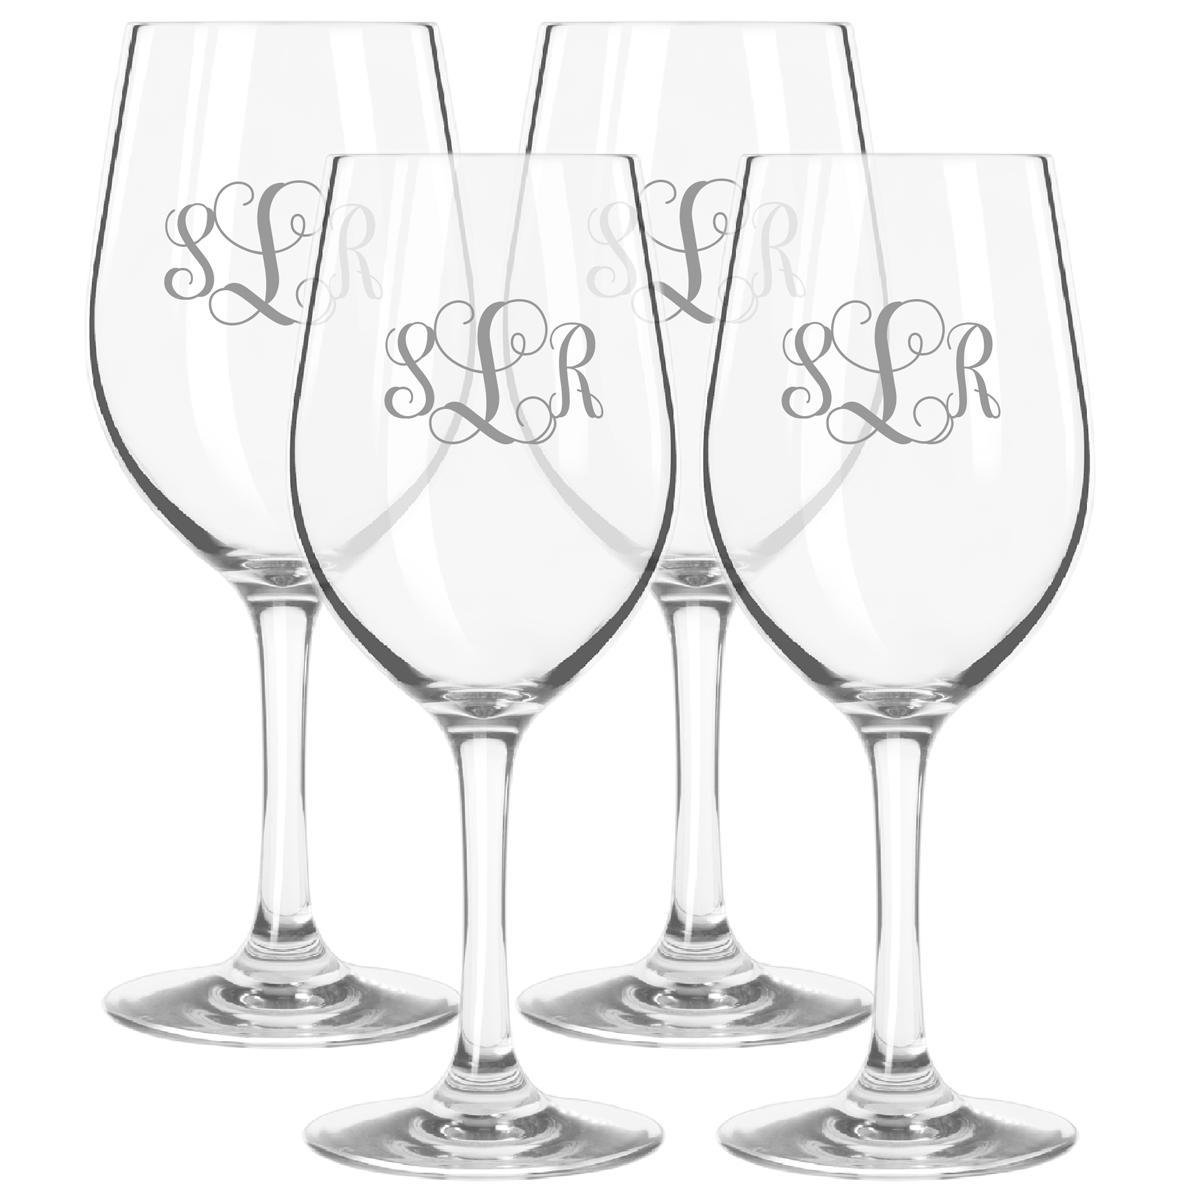 Attractive Personalized Tritan Wine Stems 12 Oz (Set Of 4)